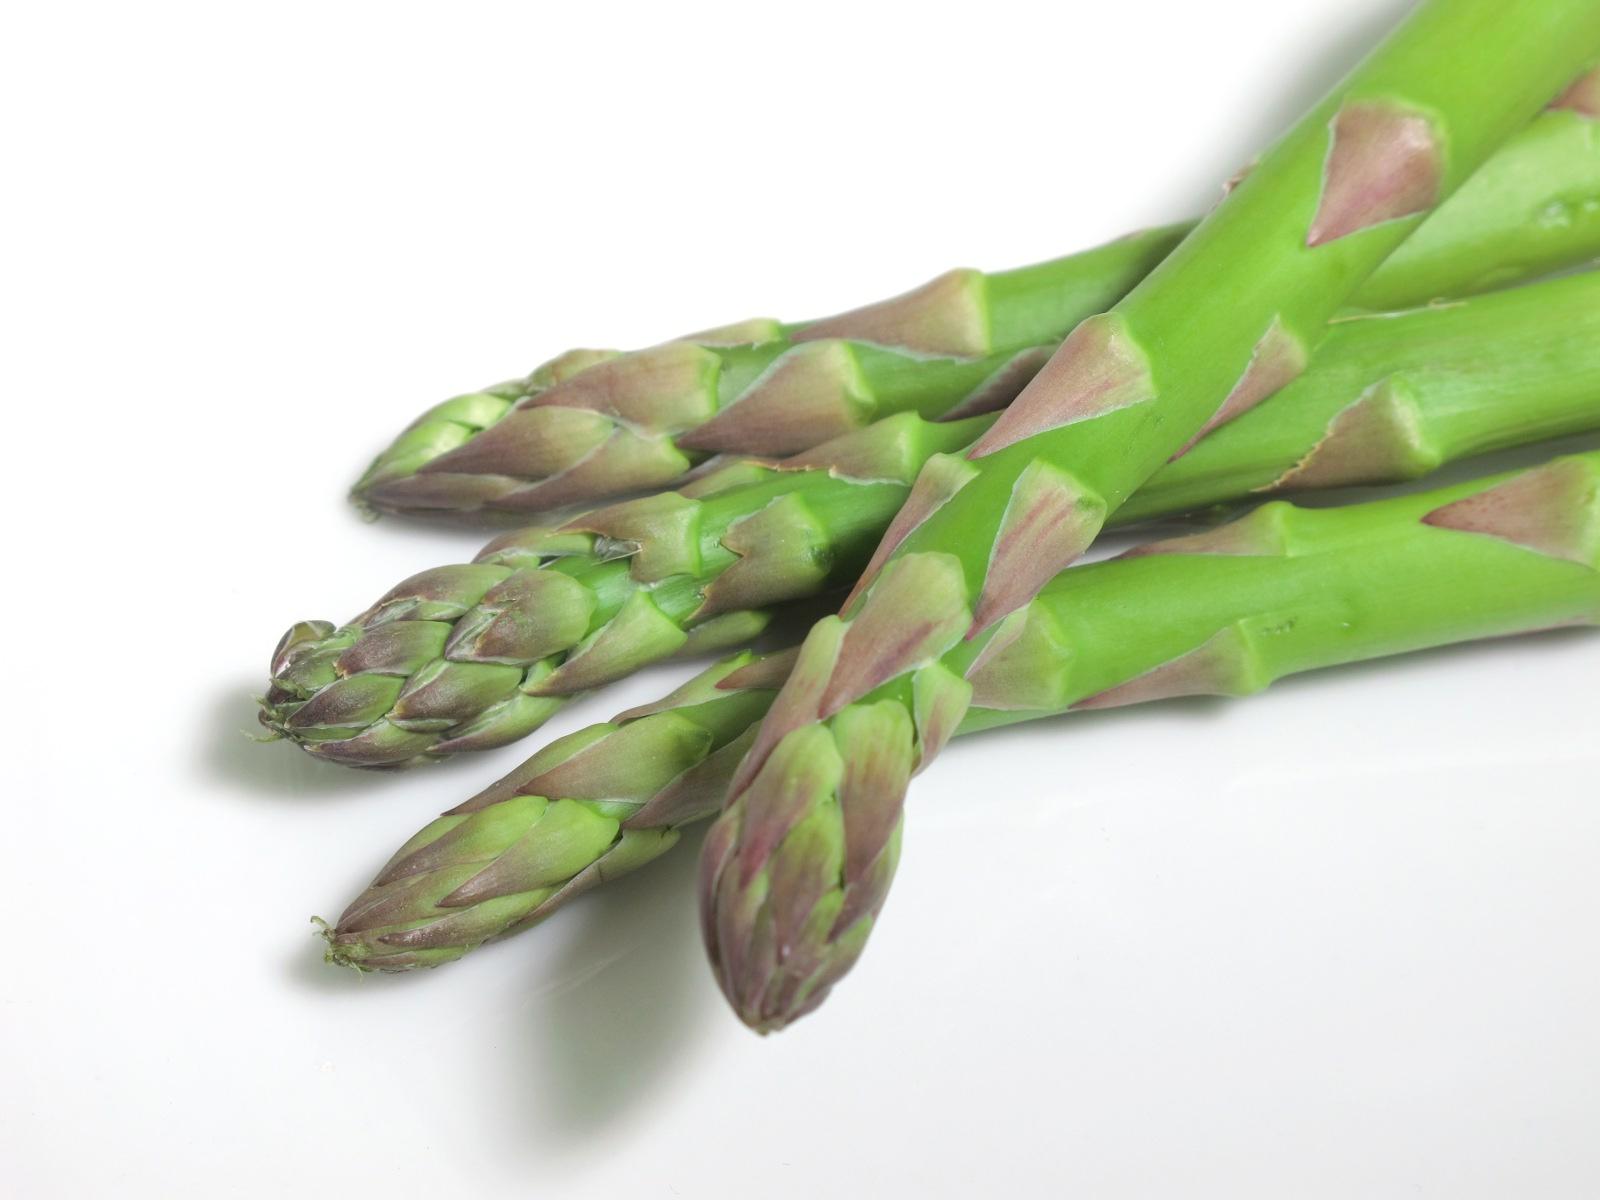 オスとメスがあるの知ってた?美味しいグリーンアスパラガスの簡単な見分け方